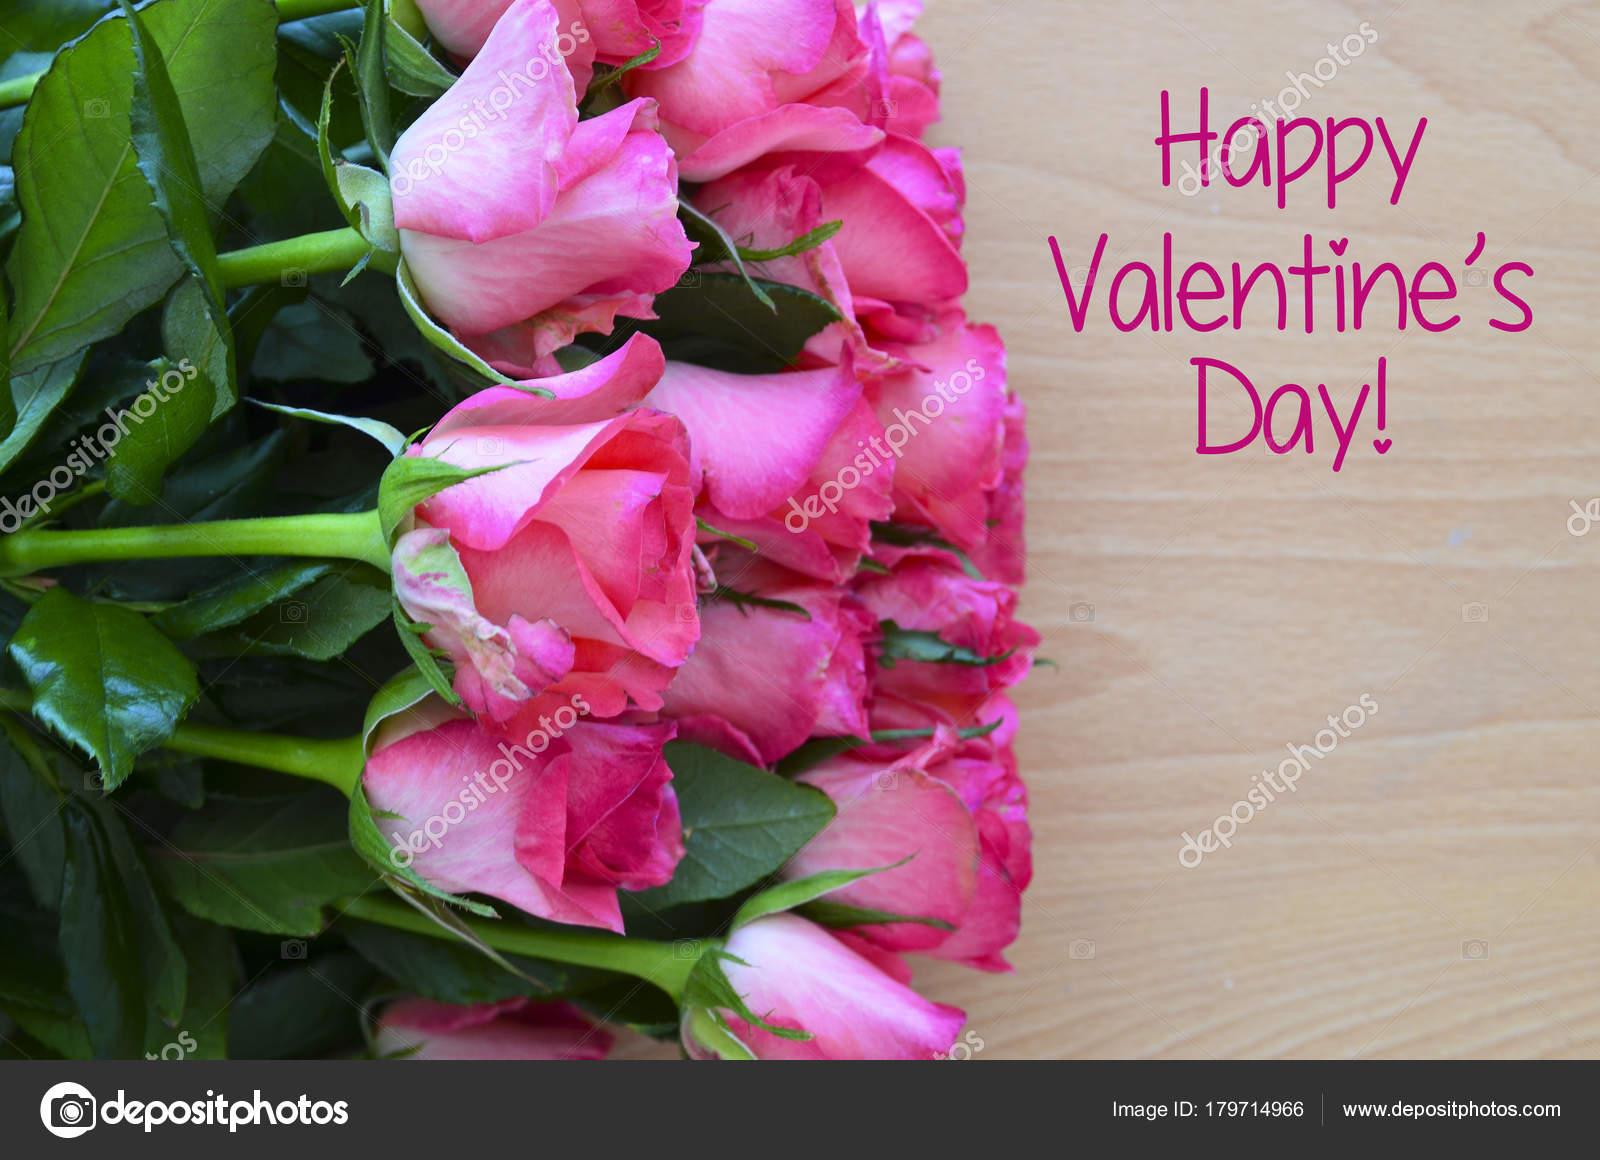 Happy Valentine Day Bouquet Pink Roses Wooden Background Valentine